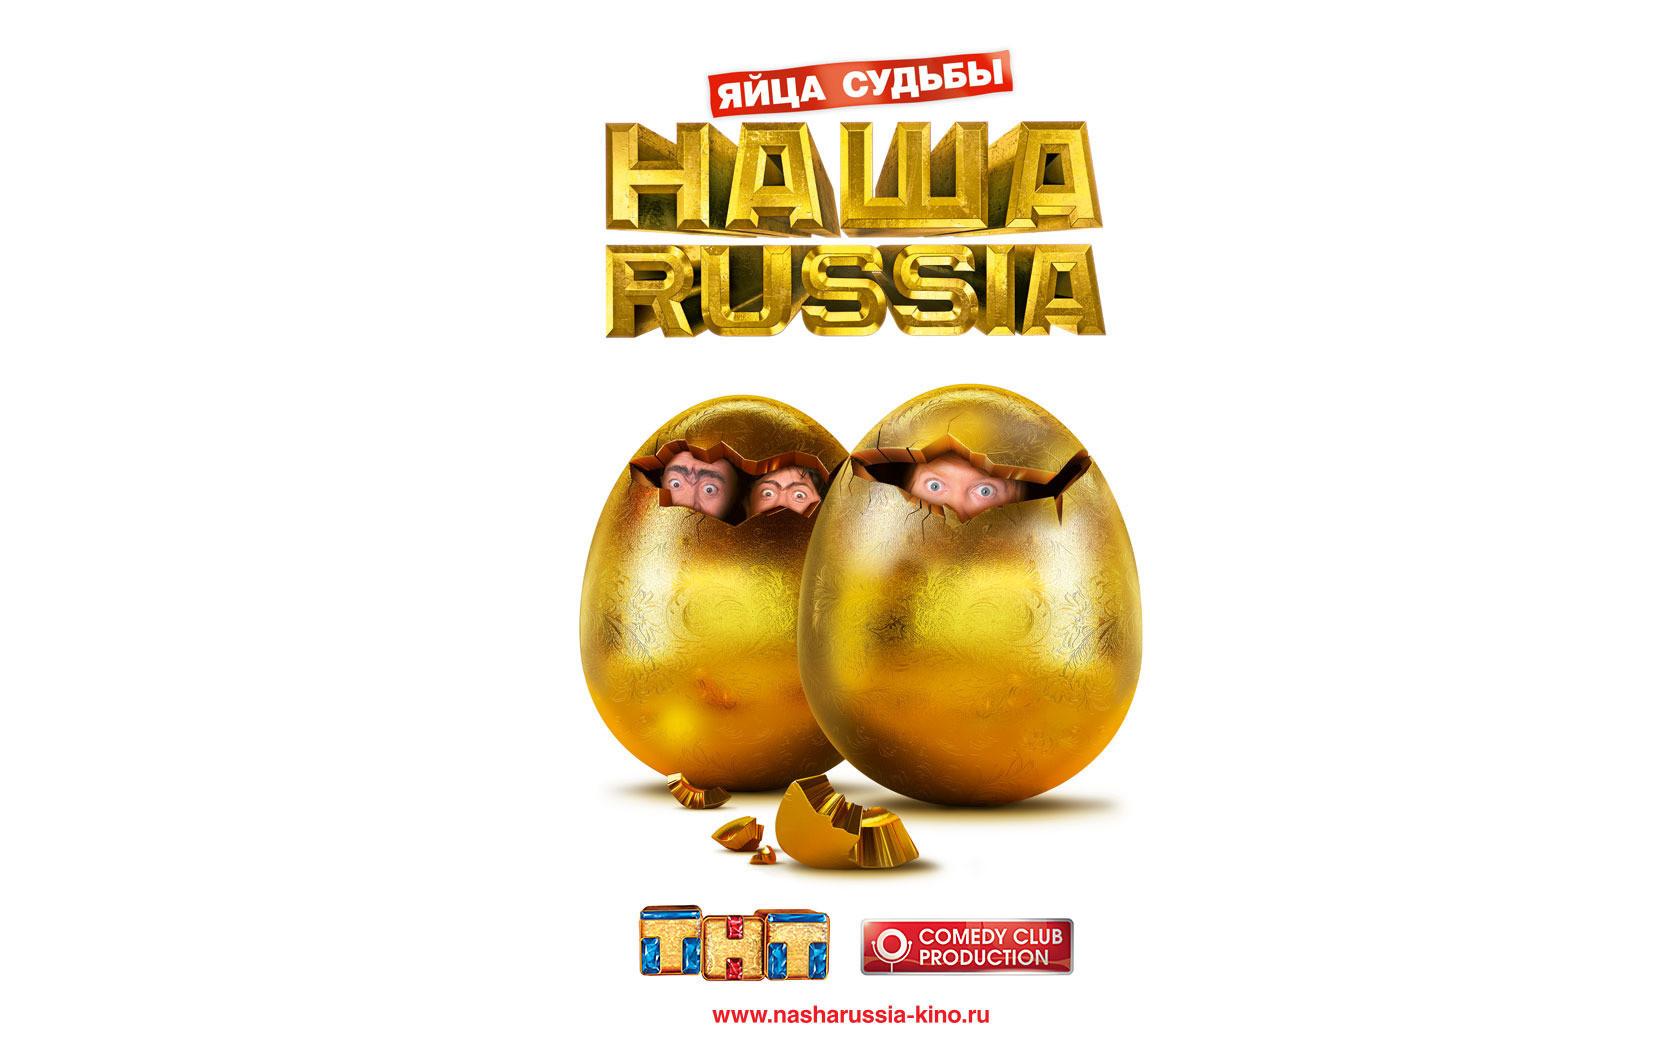 Наша Russia. Яйца судьбы смотреть фото